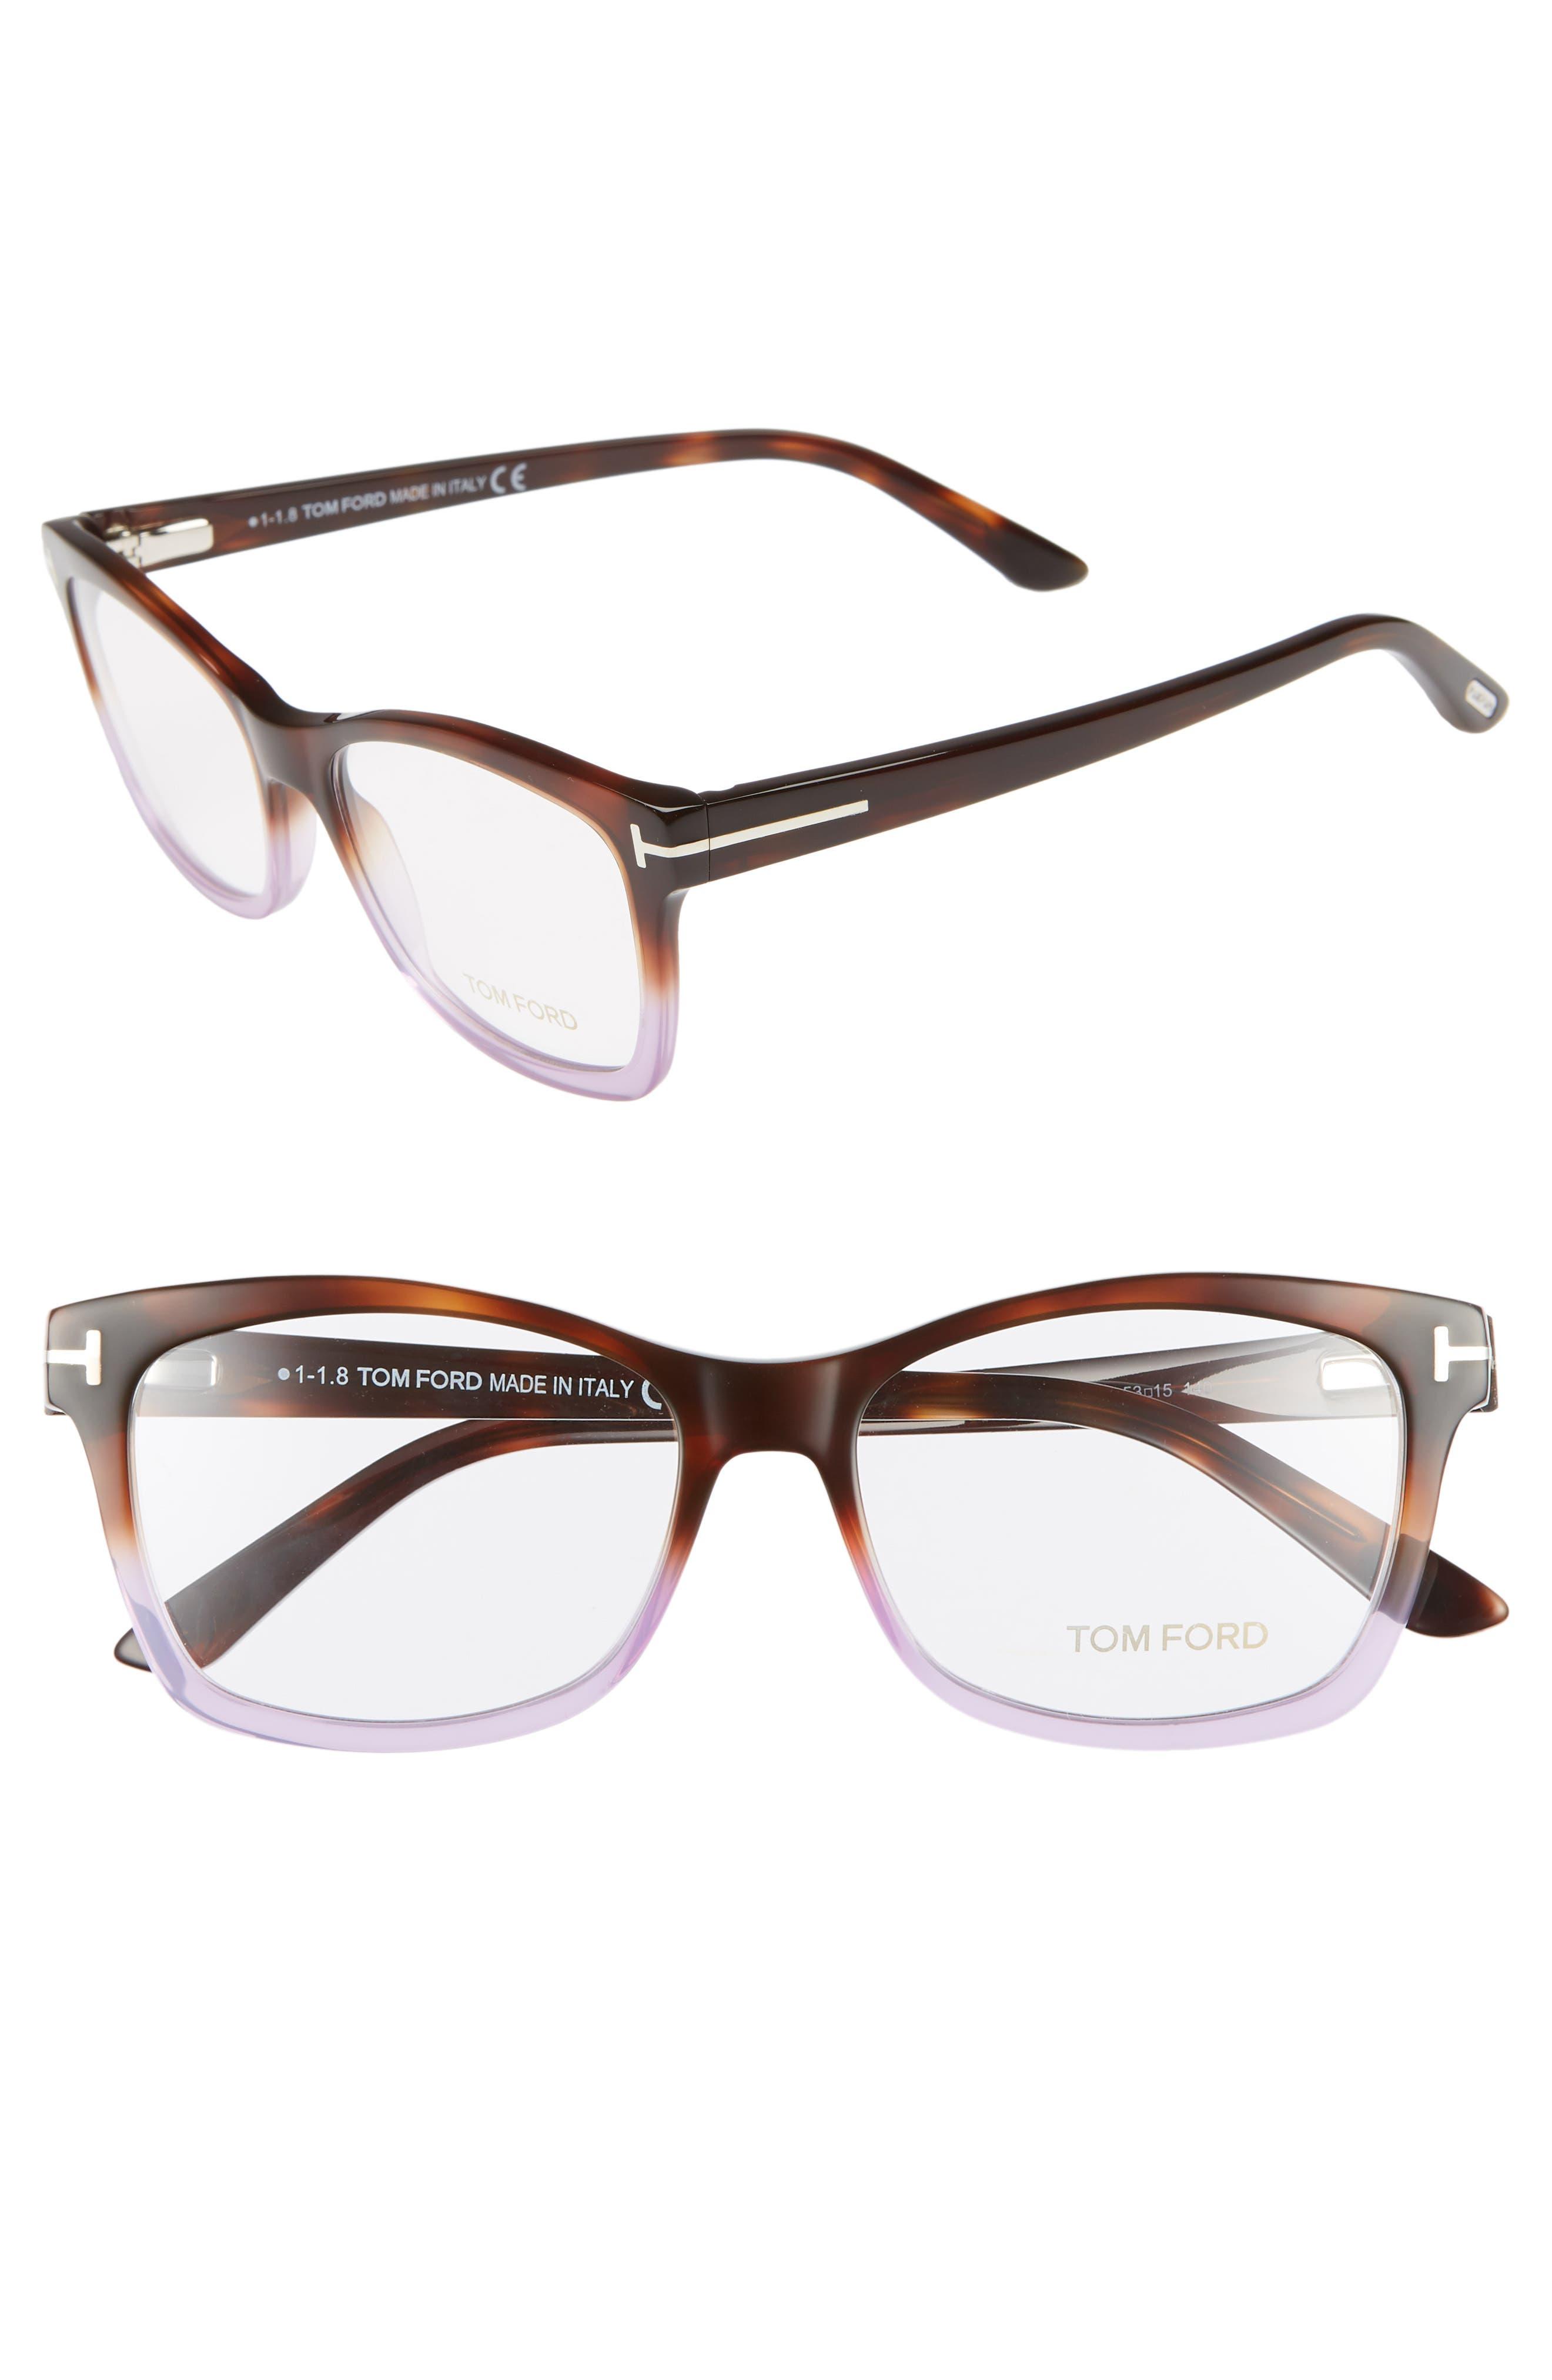 53Mm Optical Glasses - Havana Gradient/ Dark Havana